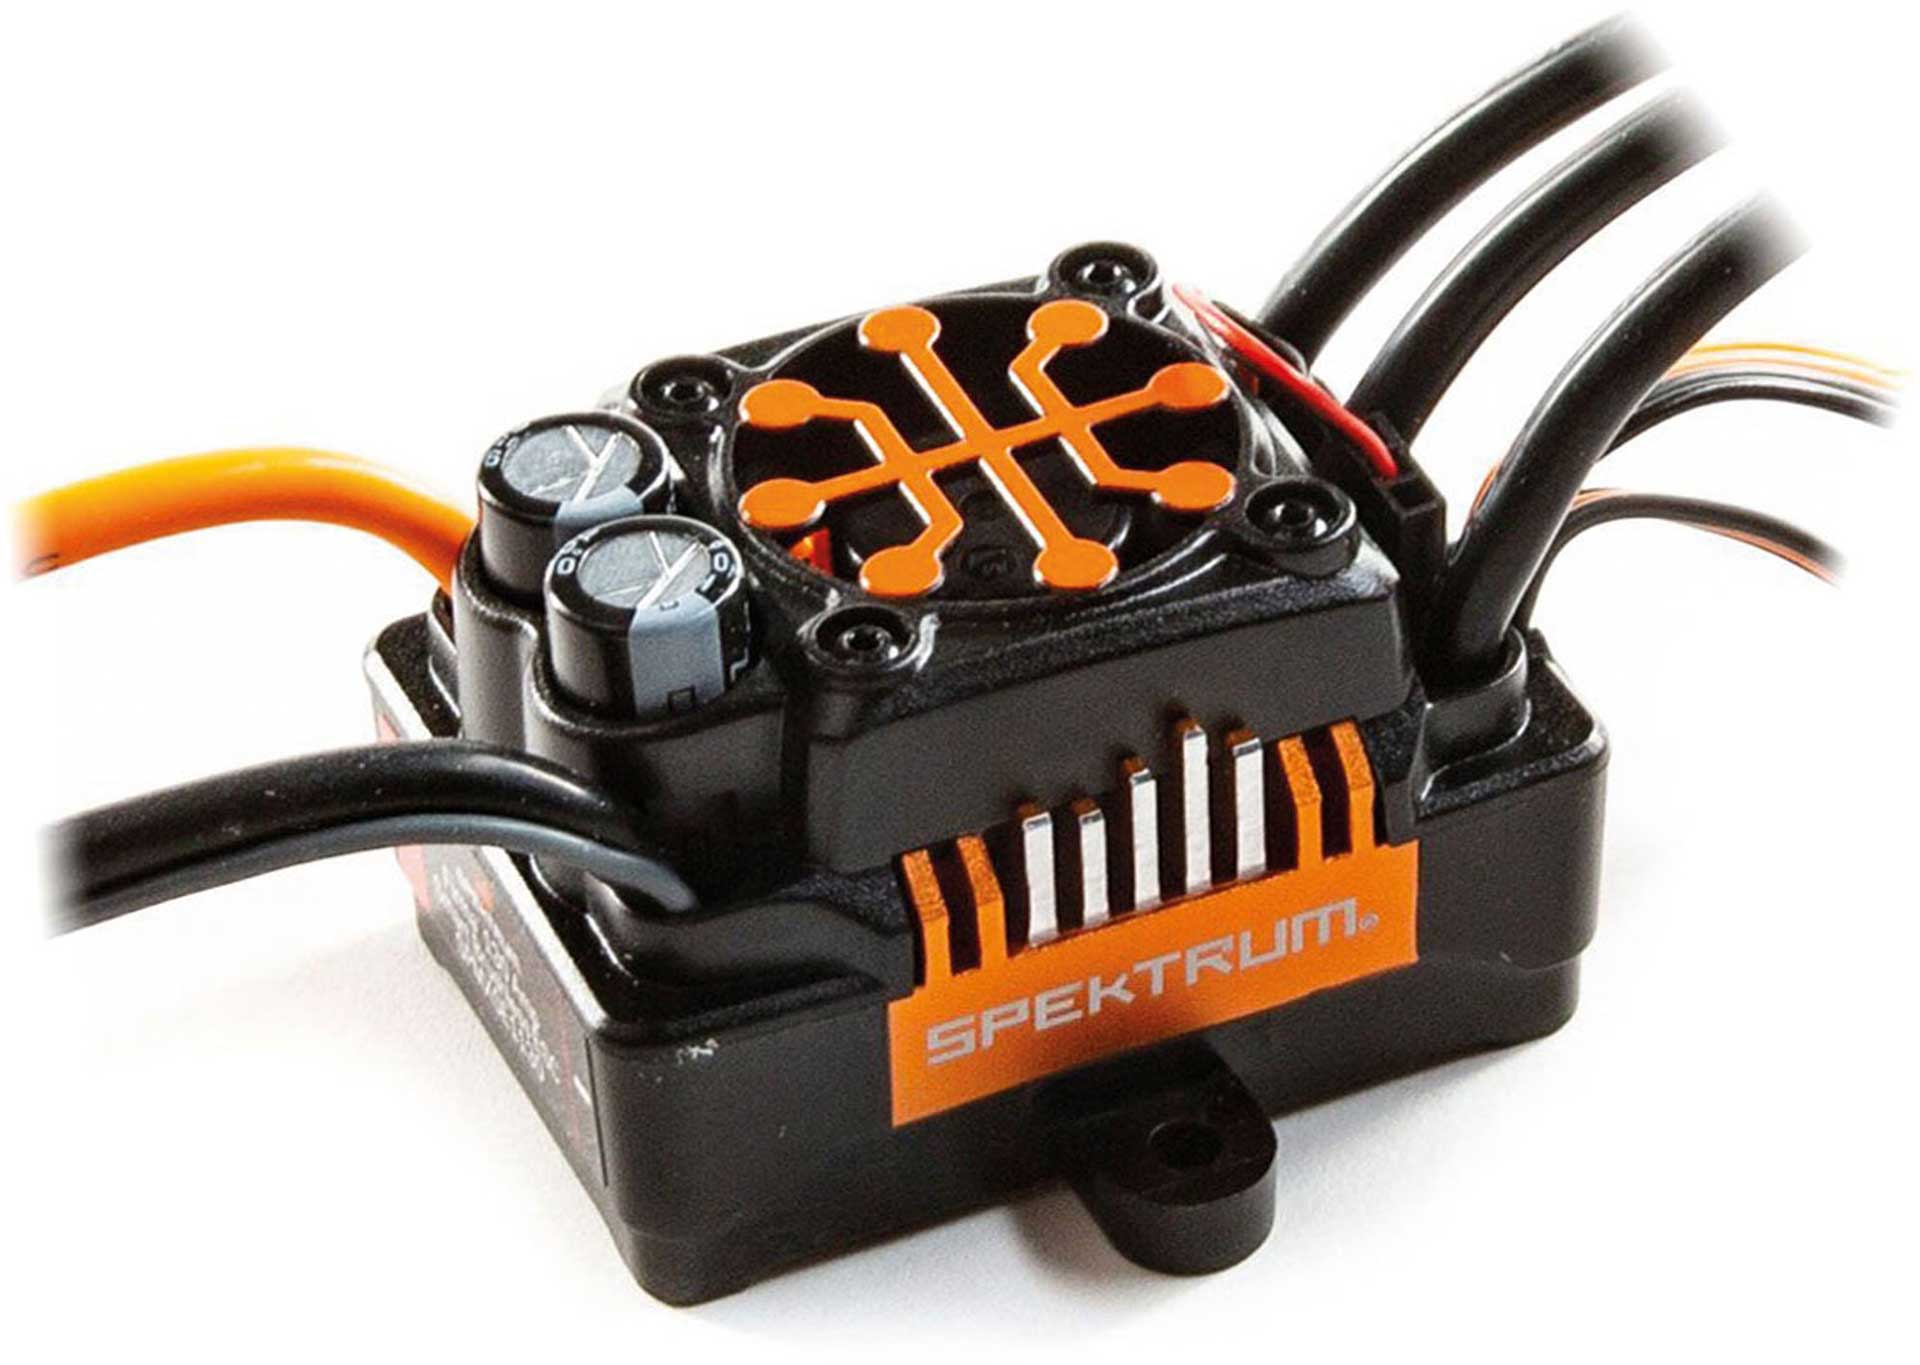 SPEKTRUM FIRMA SMART 130 AMP BRUSHLESS ESC